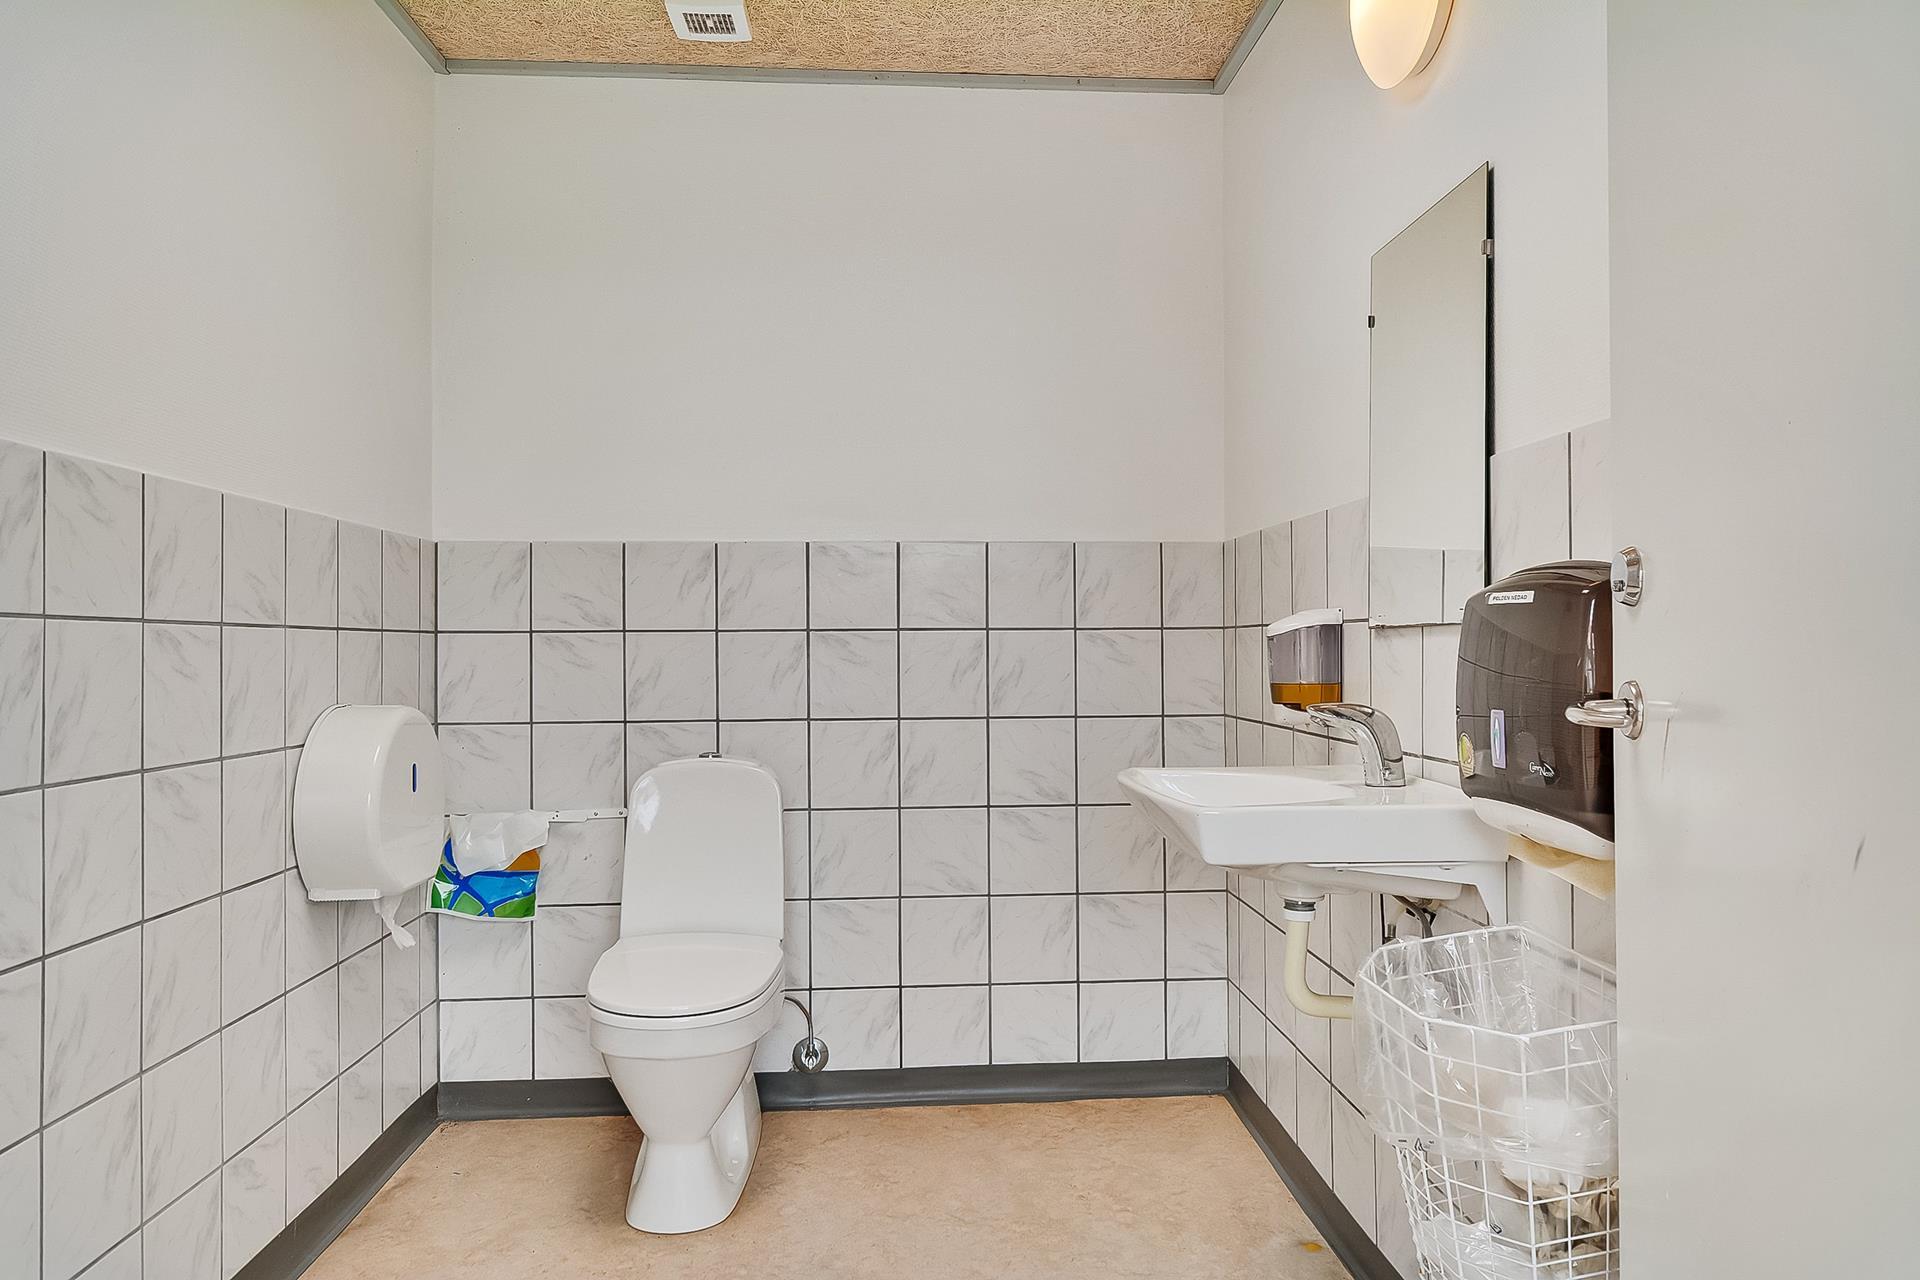 Bolig/erhverv på Skolevej i Skærbæk - Toilet